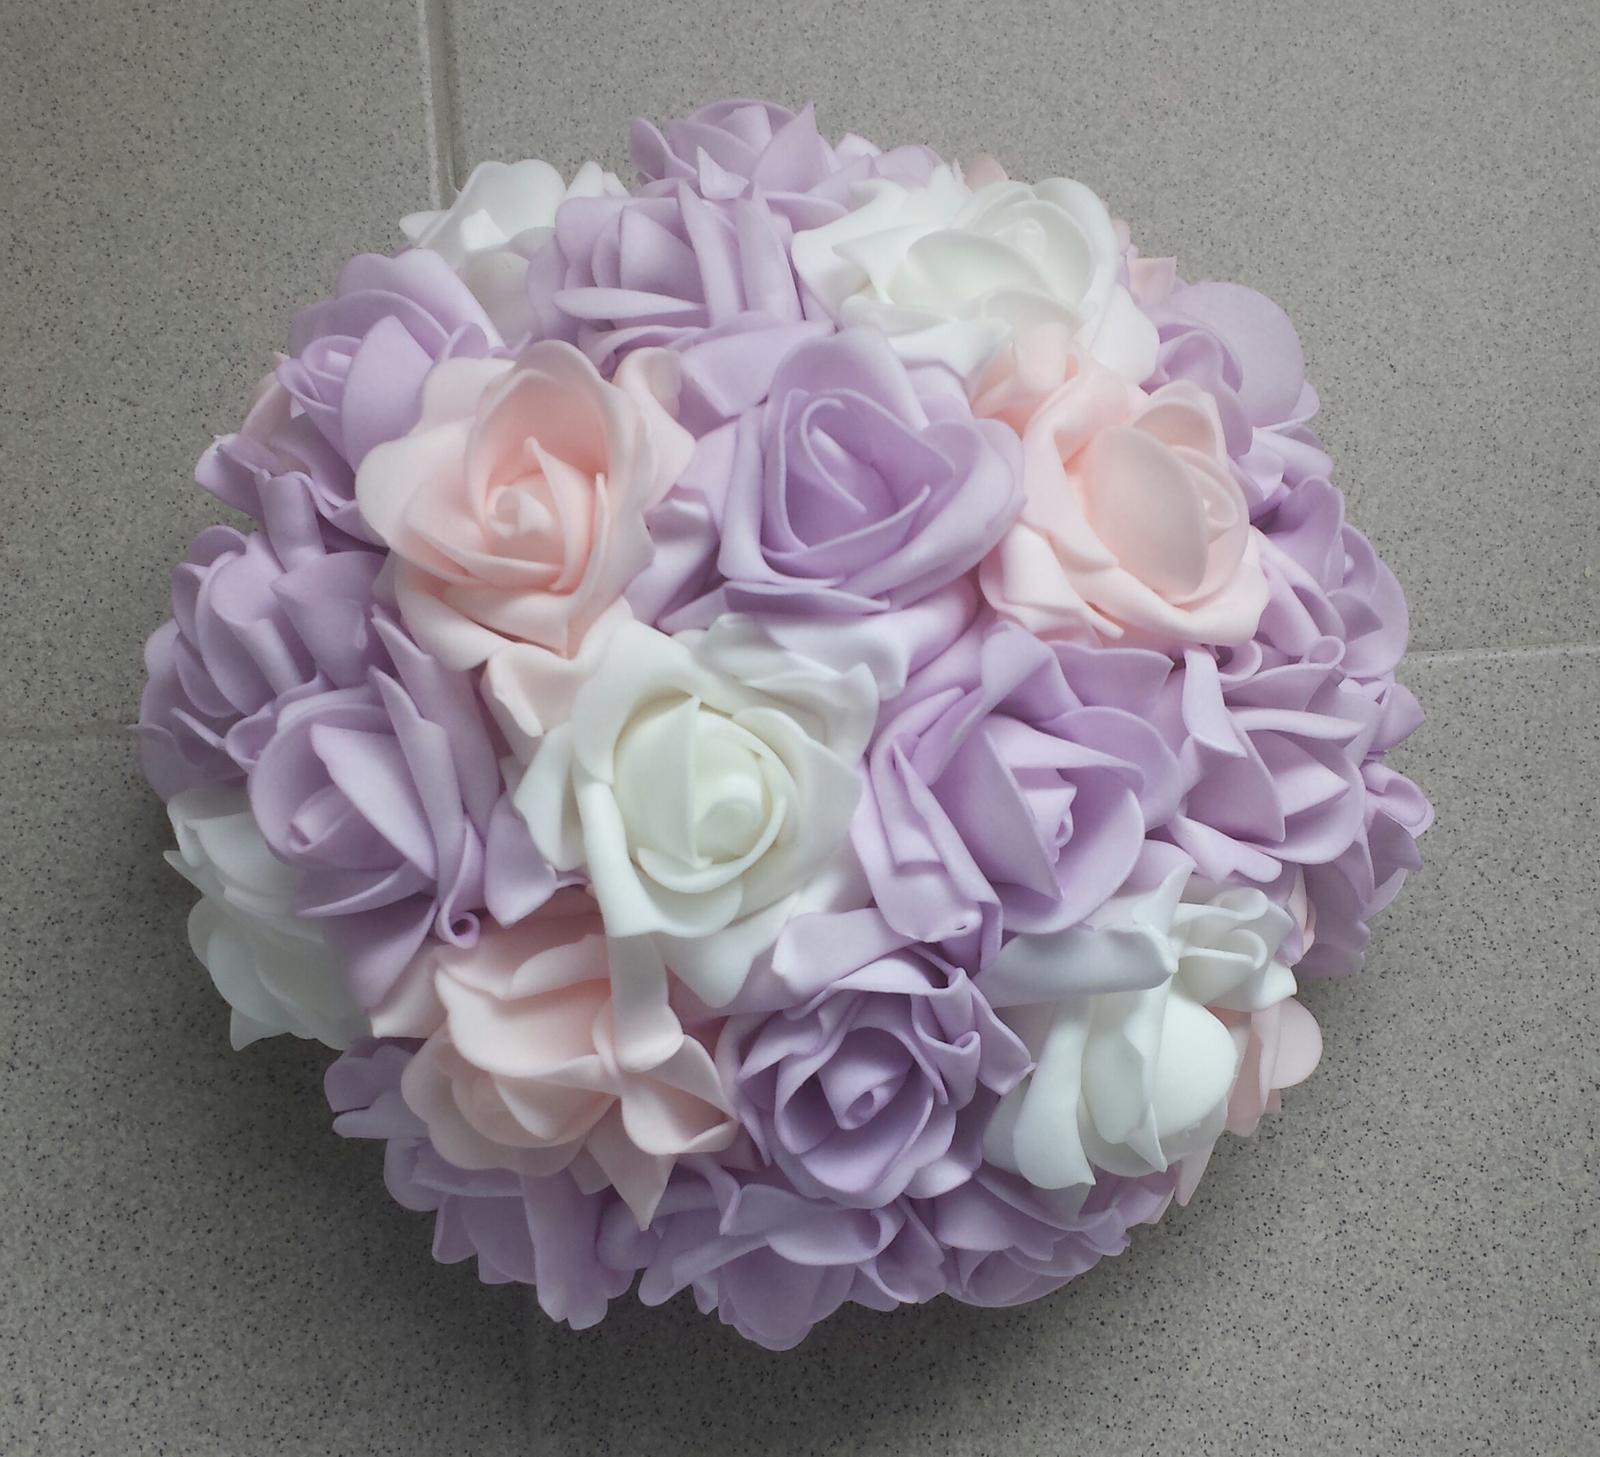 Buket na svatební auto lila, bílá a růžová - Obrázek č. 1